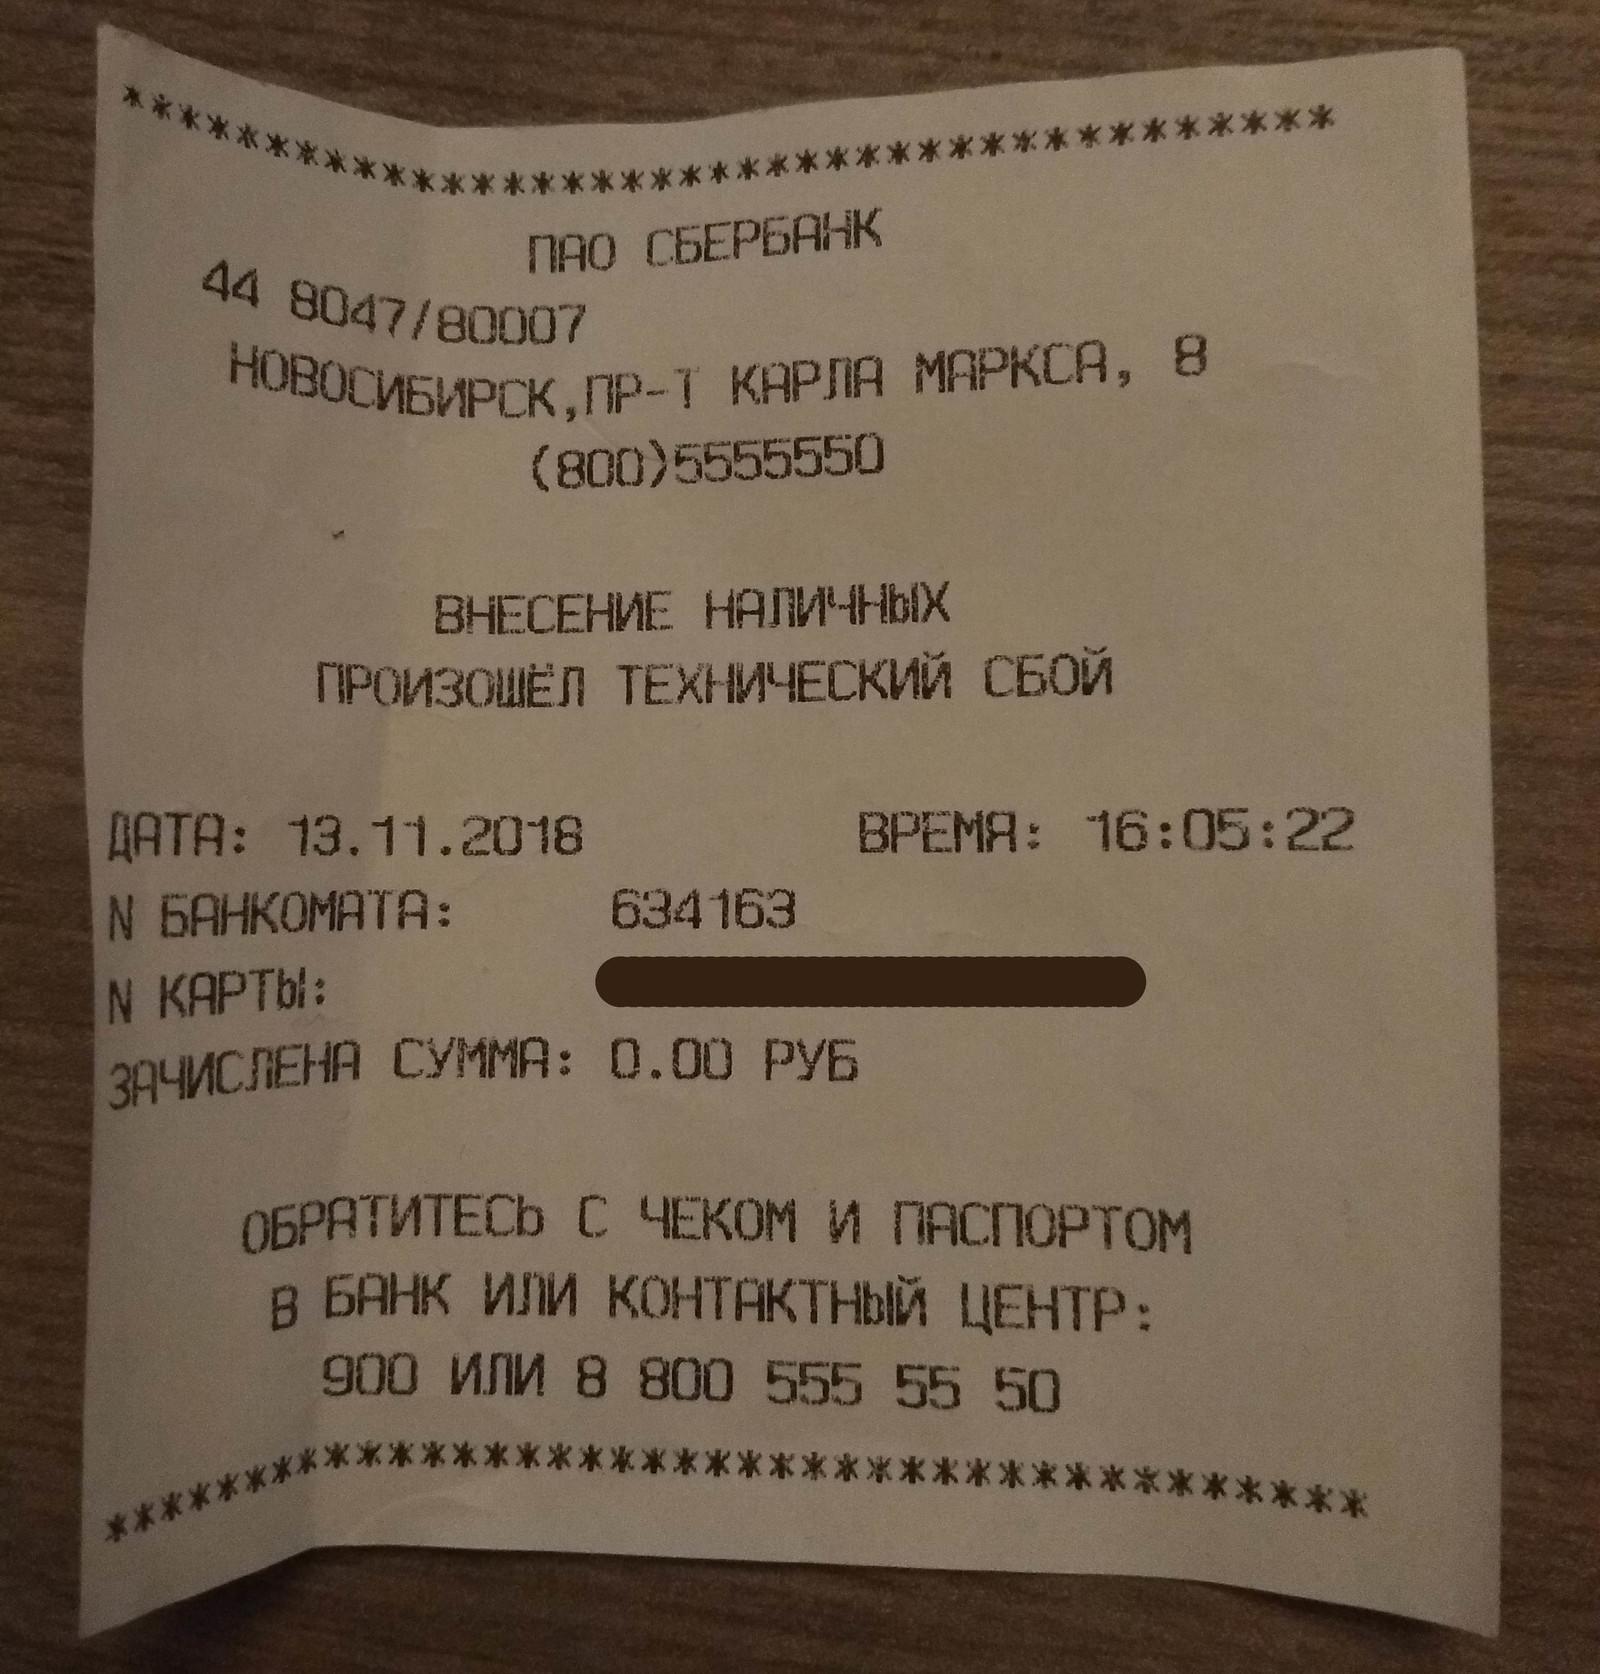 Газпромбанк онлайн калькулятор ипотечного кредита